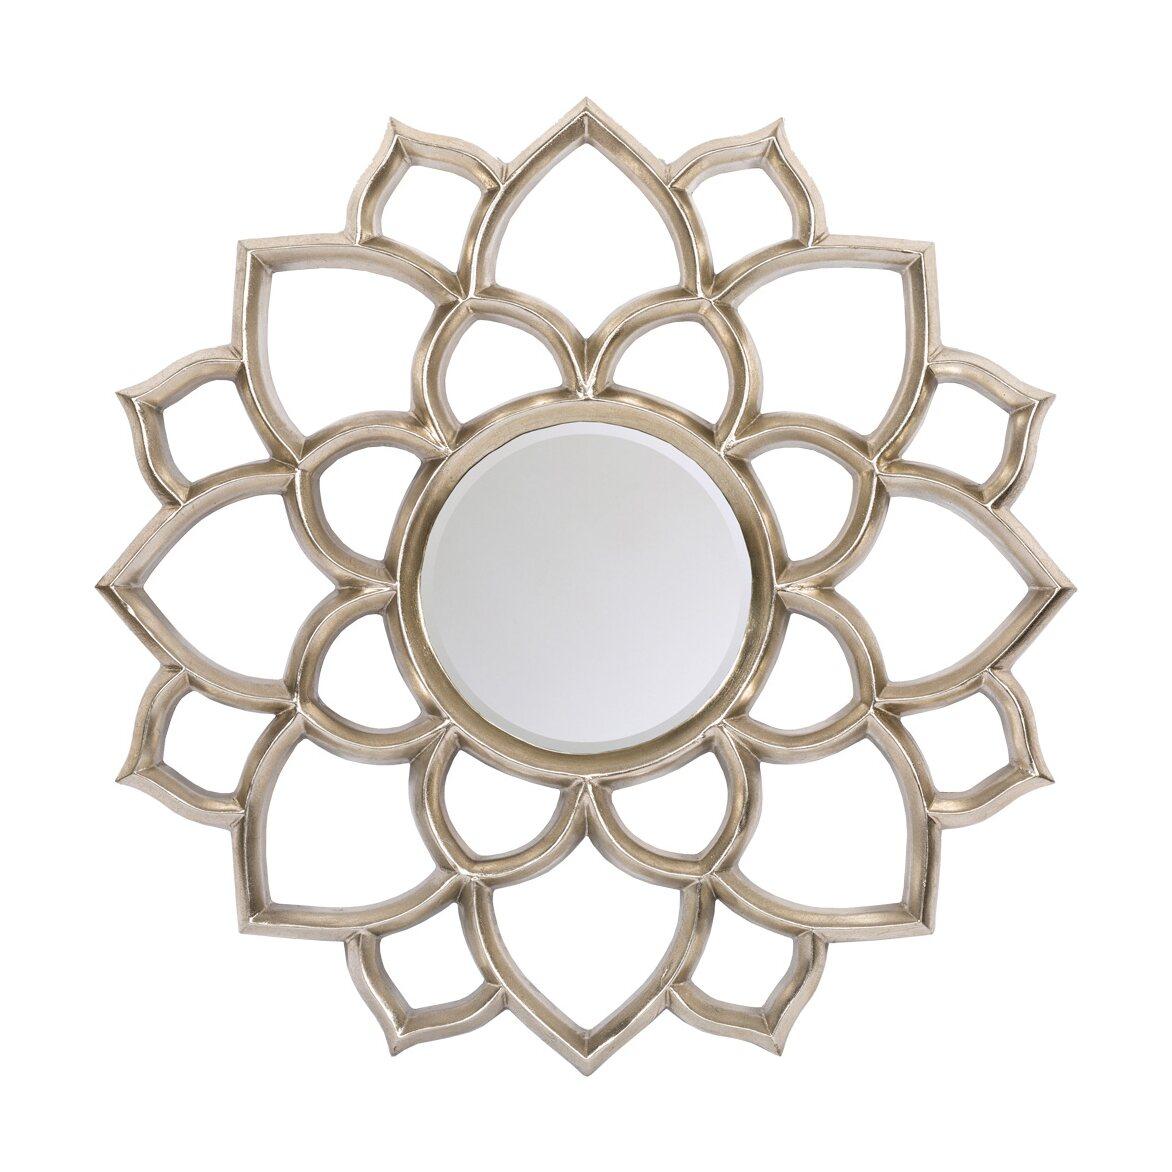 Настенное зеркало «Саммервилл» | Настенные зеркала Kingsby